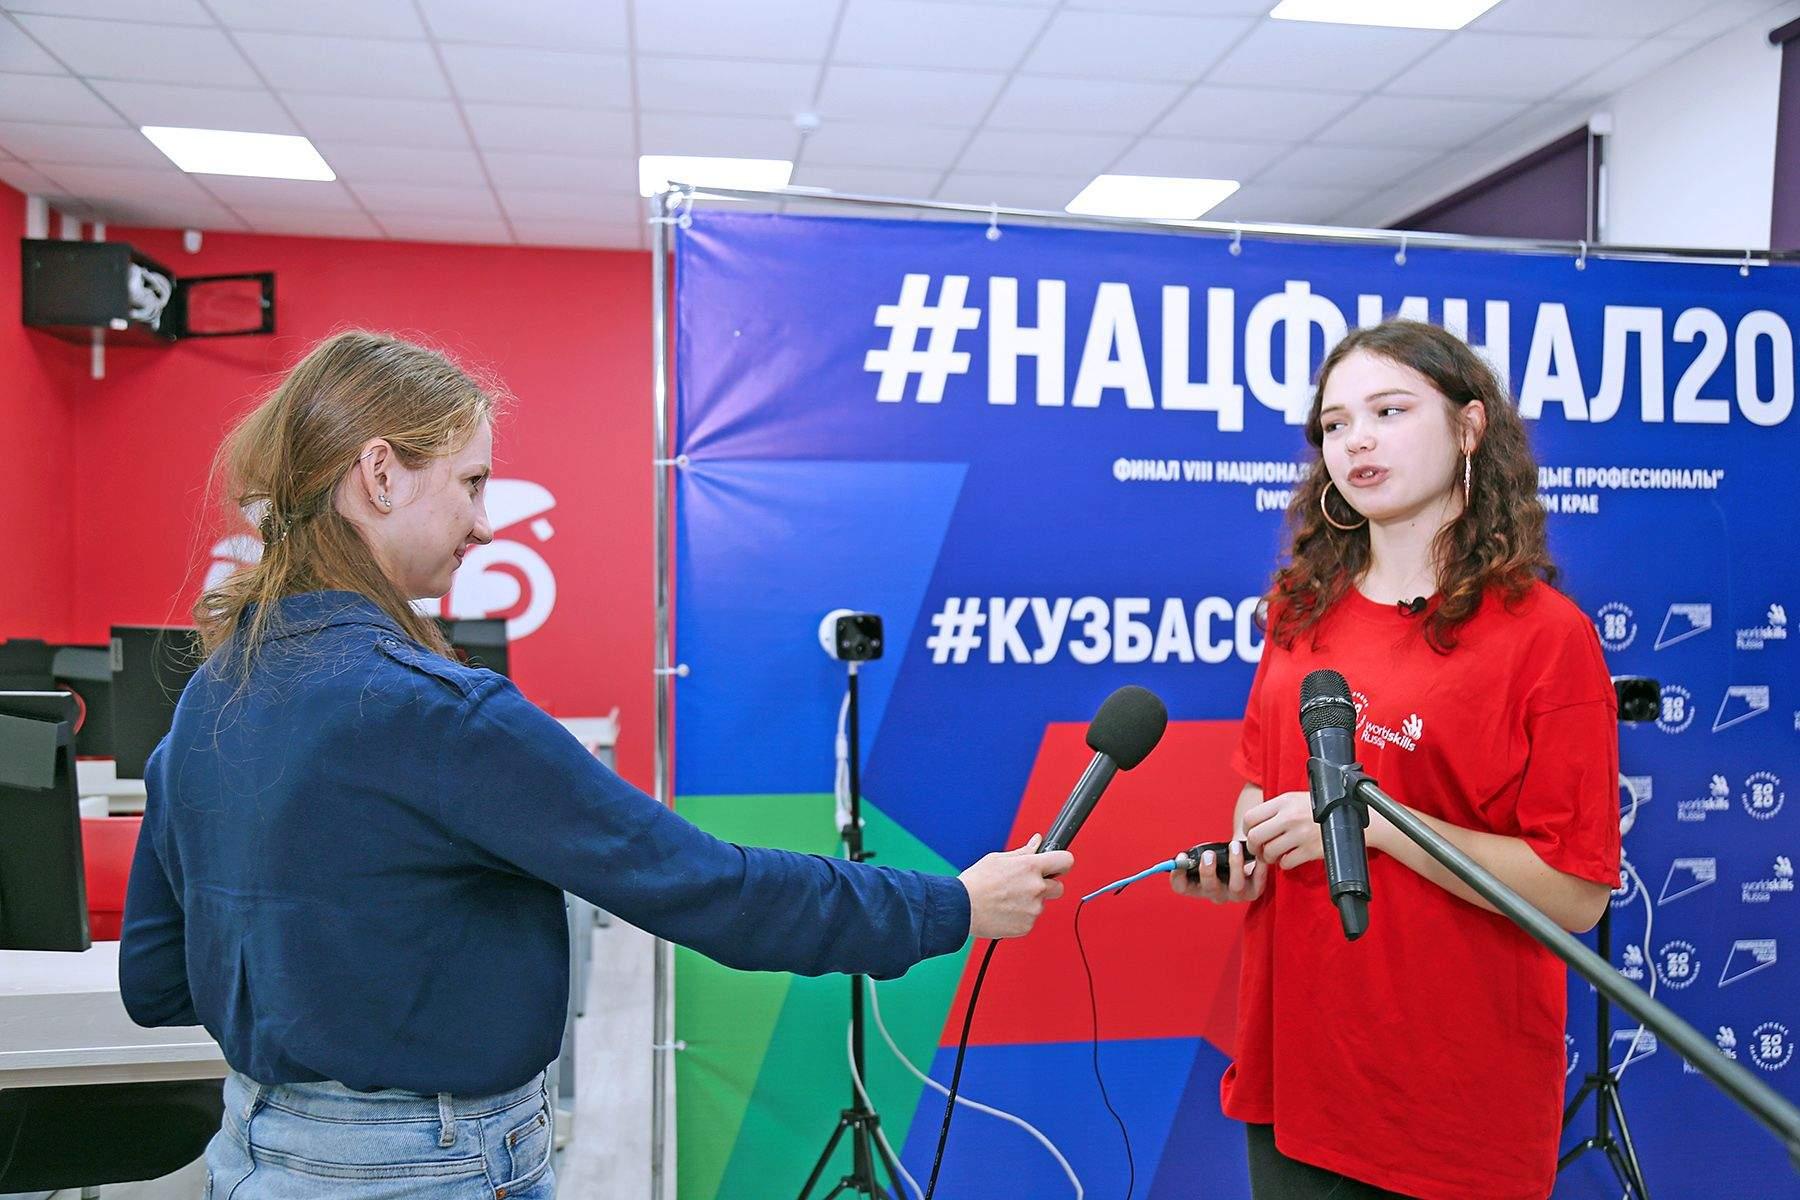 Профессиональный рост, опыт и практика: во ВГУЭС завершились соревнования участников финала VIII Национального чемпионата «Молодые профессионалы»